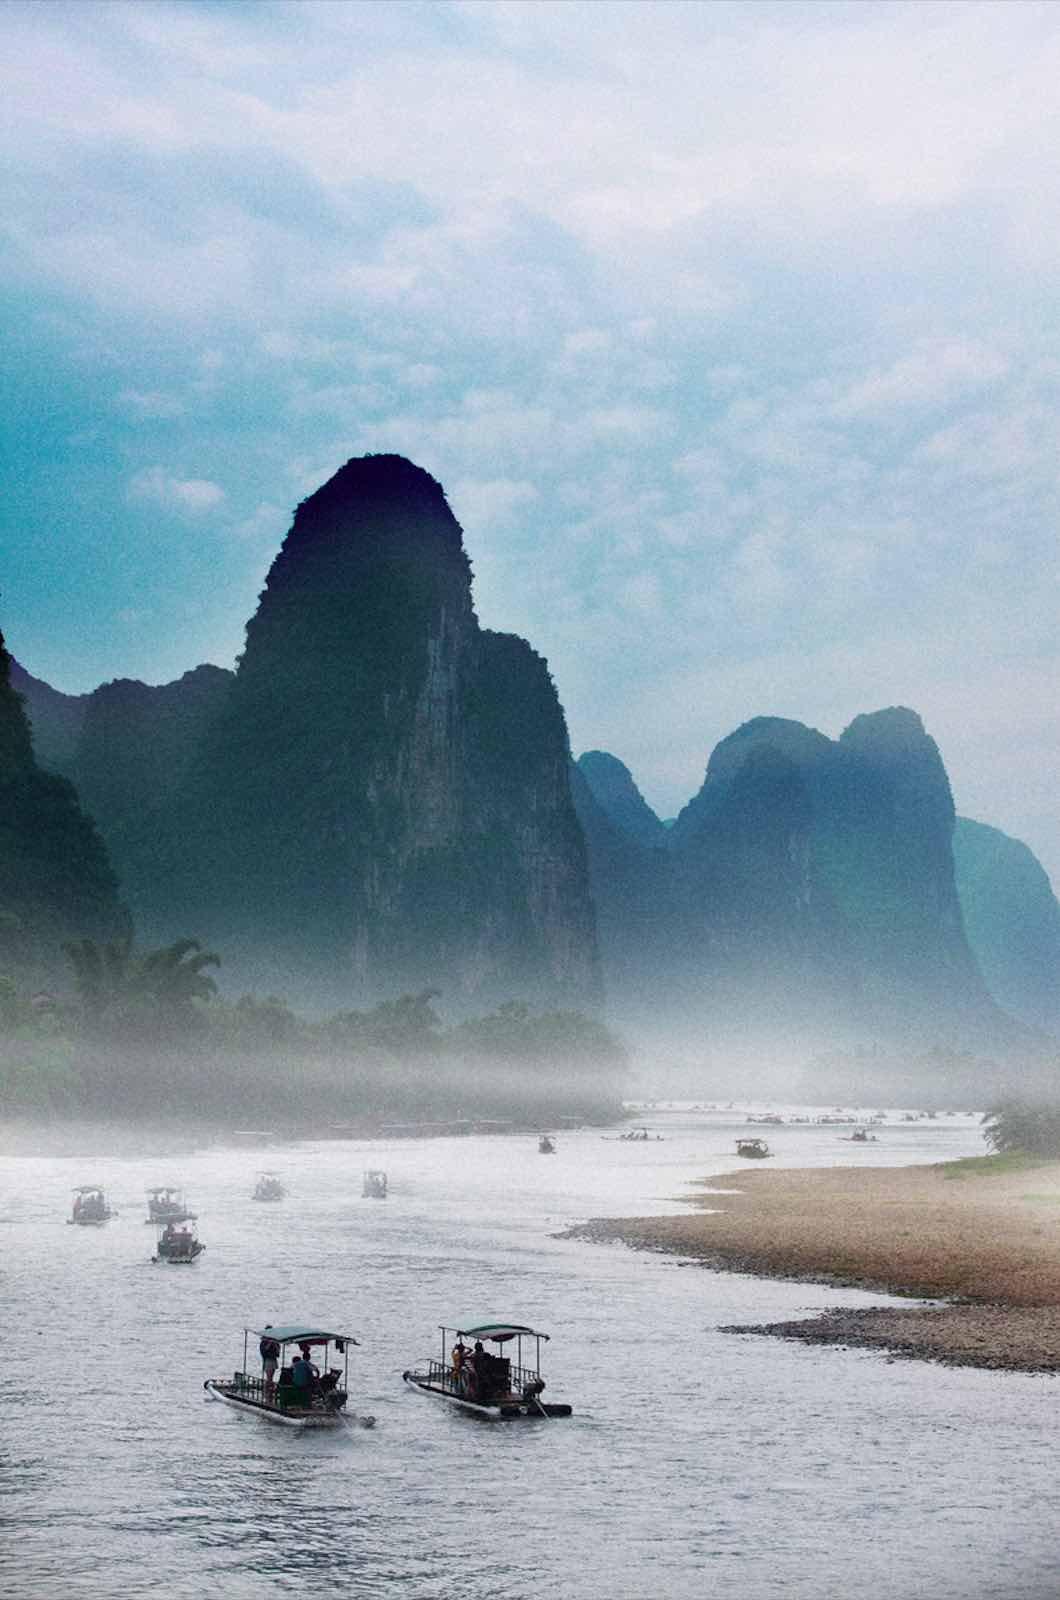 (Gullin, Tiongkok, tempat di mana bunga Osmanthus tumbuh dan berbunga)